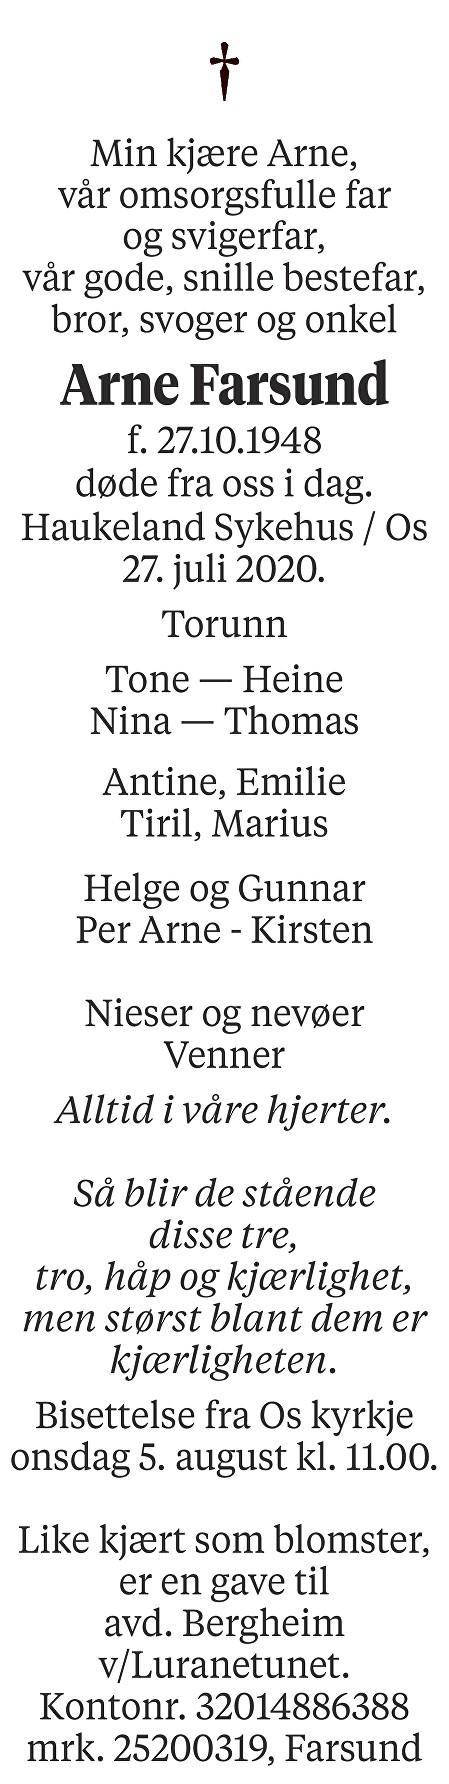 Arne Farsund Dødsannonse